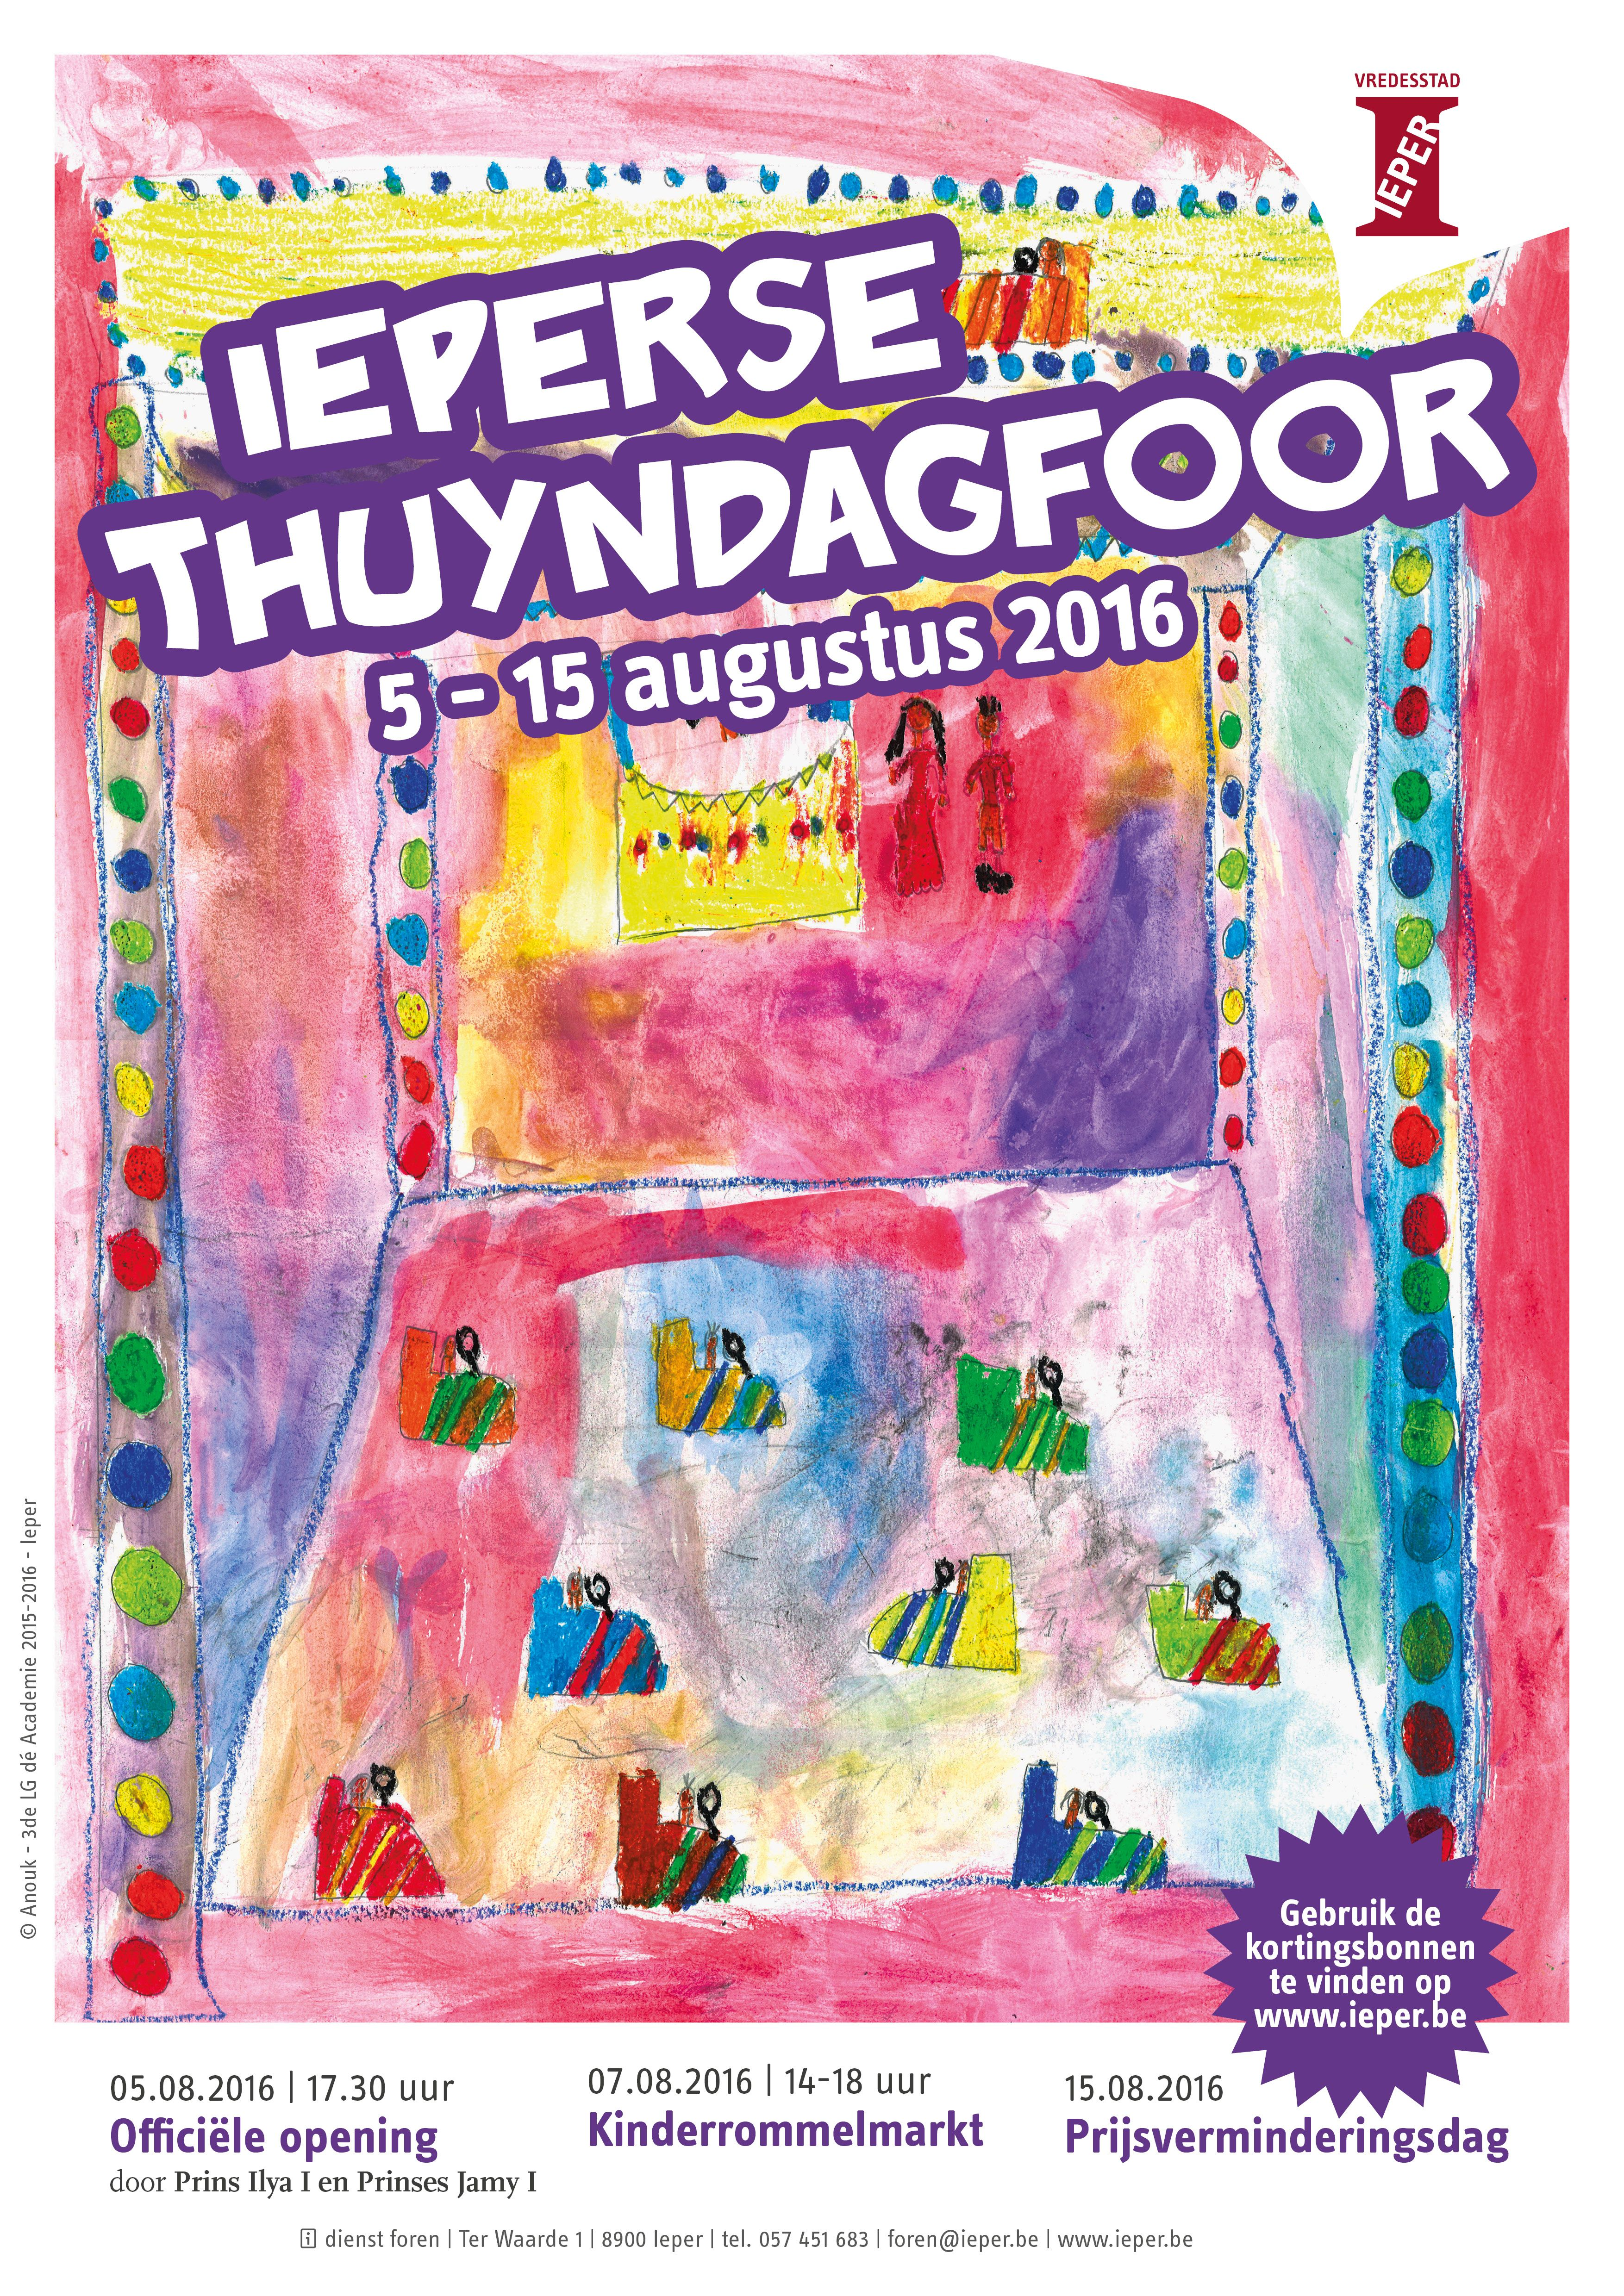 Affiche voor de Ieperse Thuyndagfoor 2016, met medewerking van de leerlingen 3de lagere graad dé Academie Ieper. (artwork: Anouck/Stad Ieper )